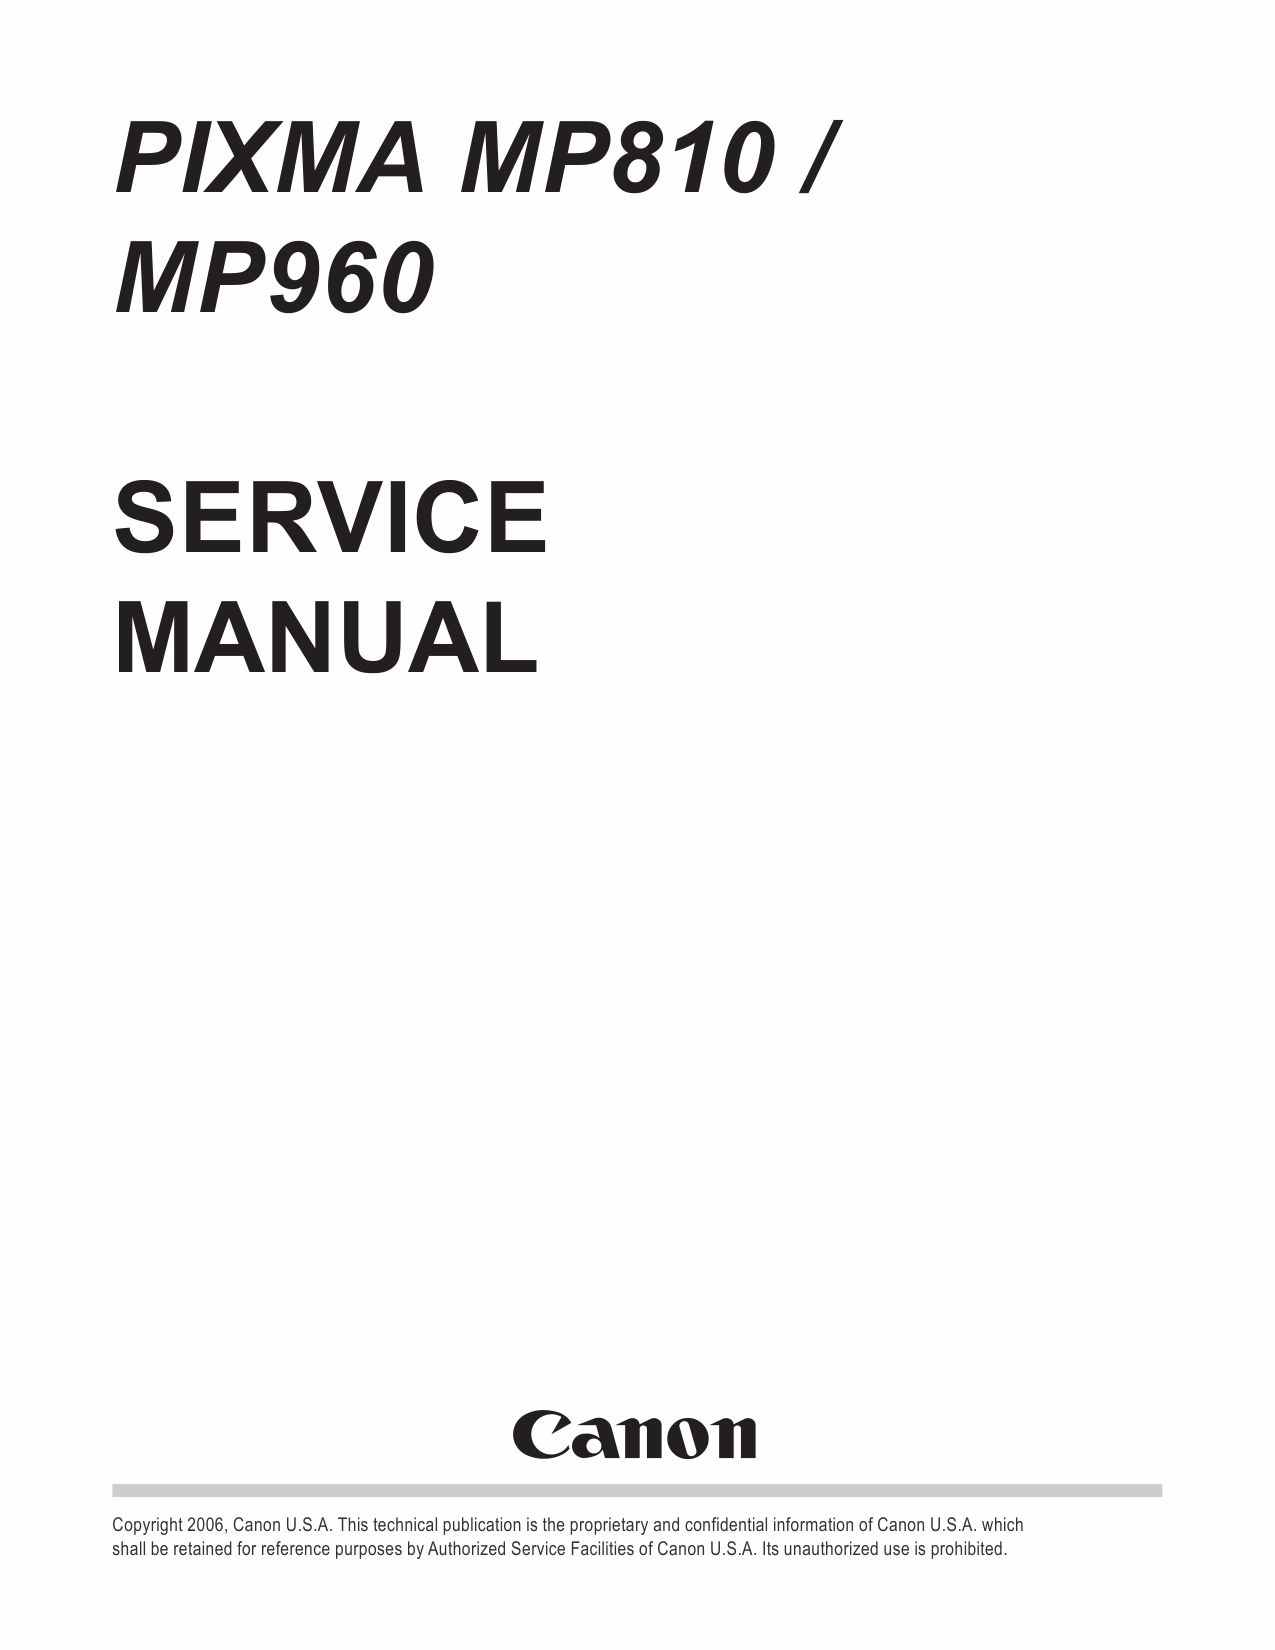 Canon Pixma Mp810 Mp960 Service Manual